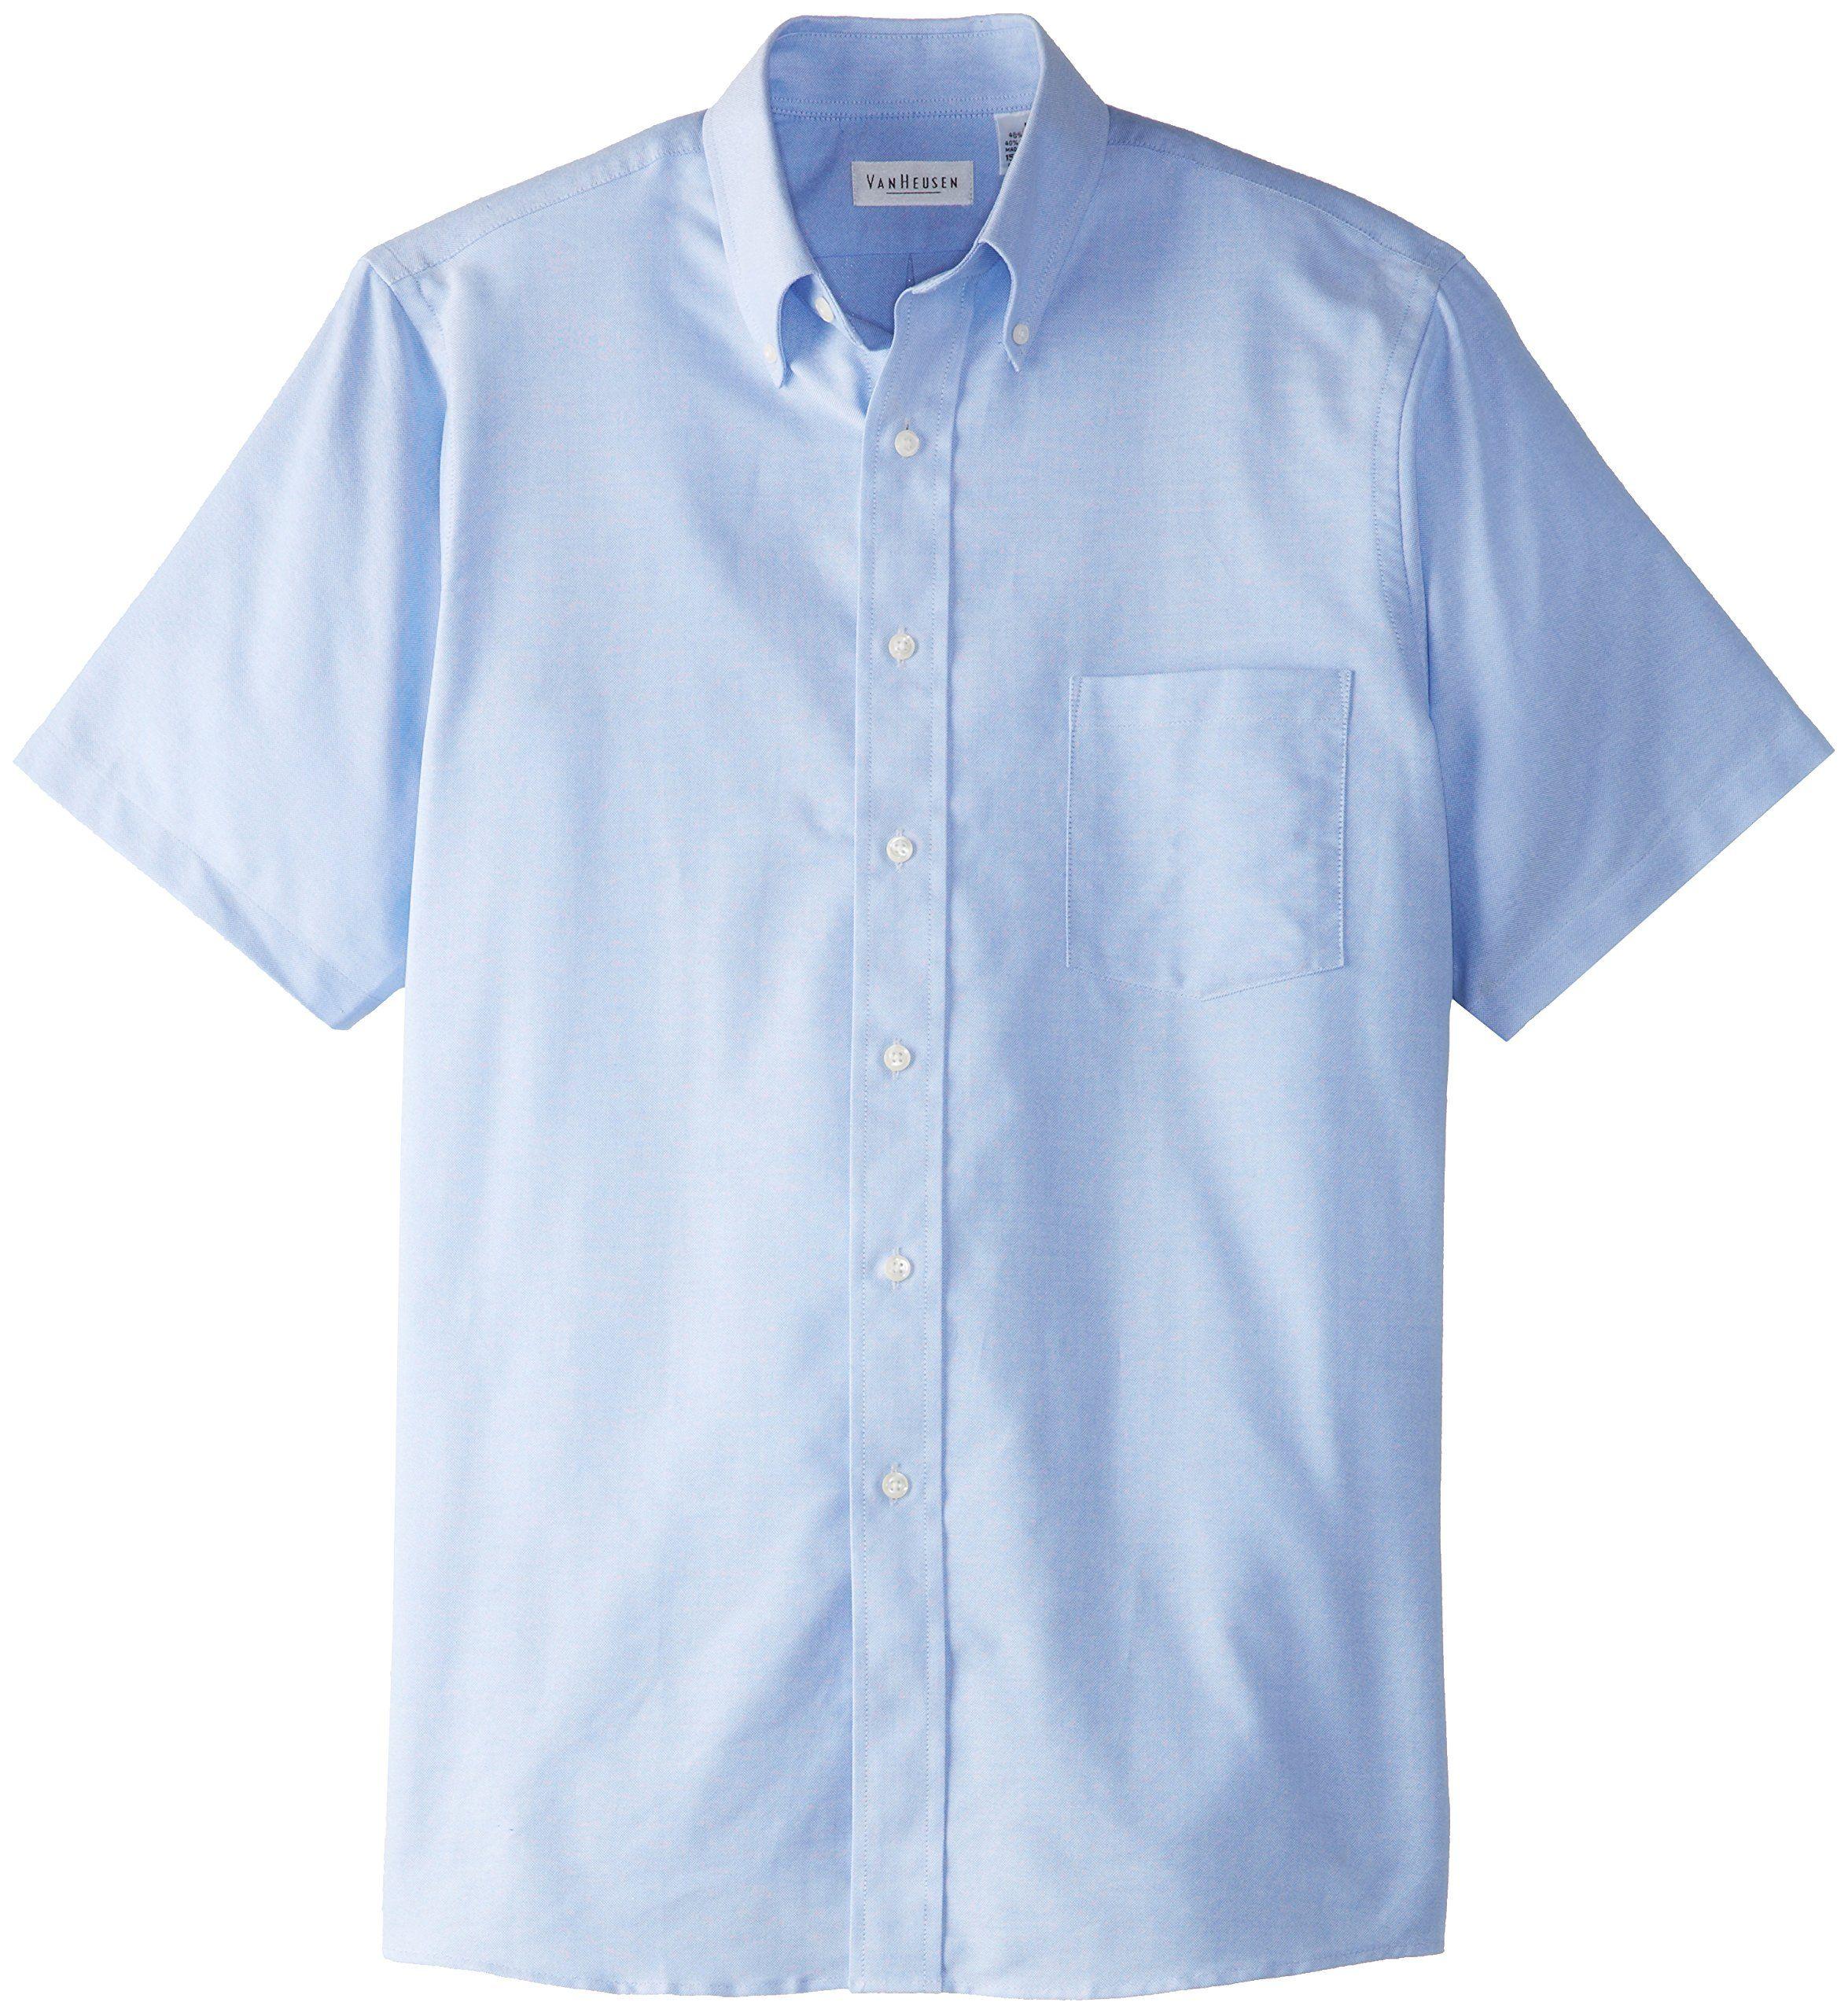 b157a69cb7a Van Heusen Men s Short Sleeve Oxford Dress Shirt